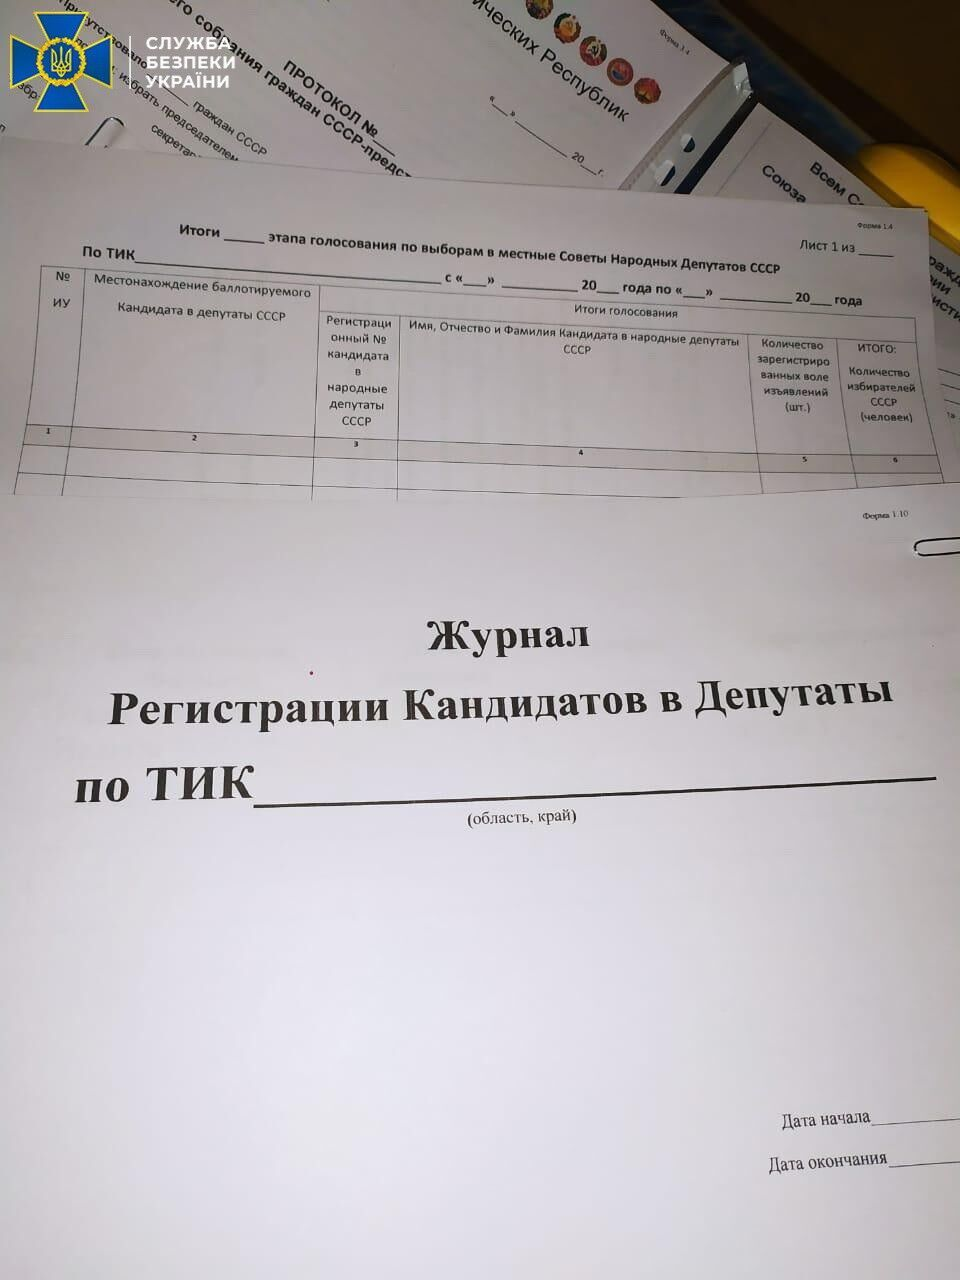 Сепаратисты планировали провести выборы.